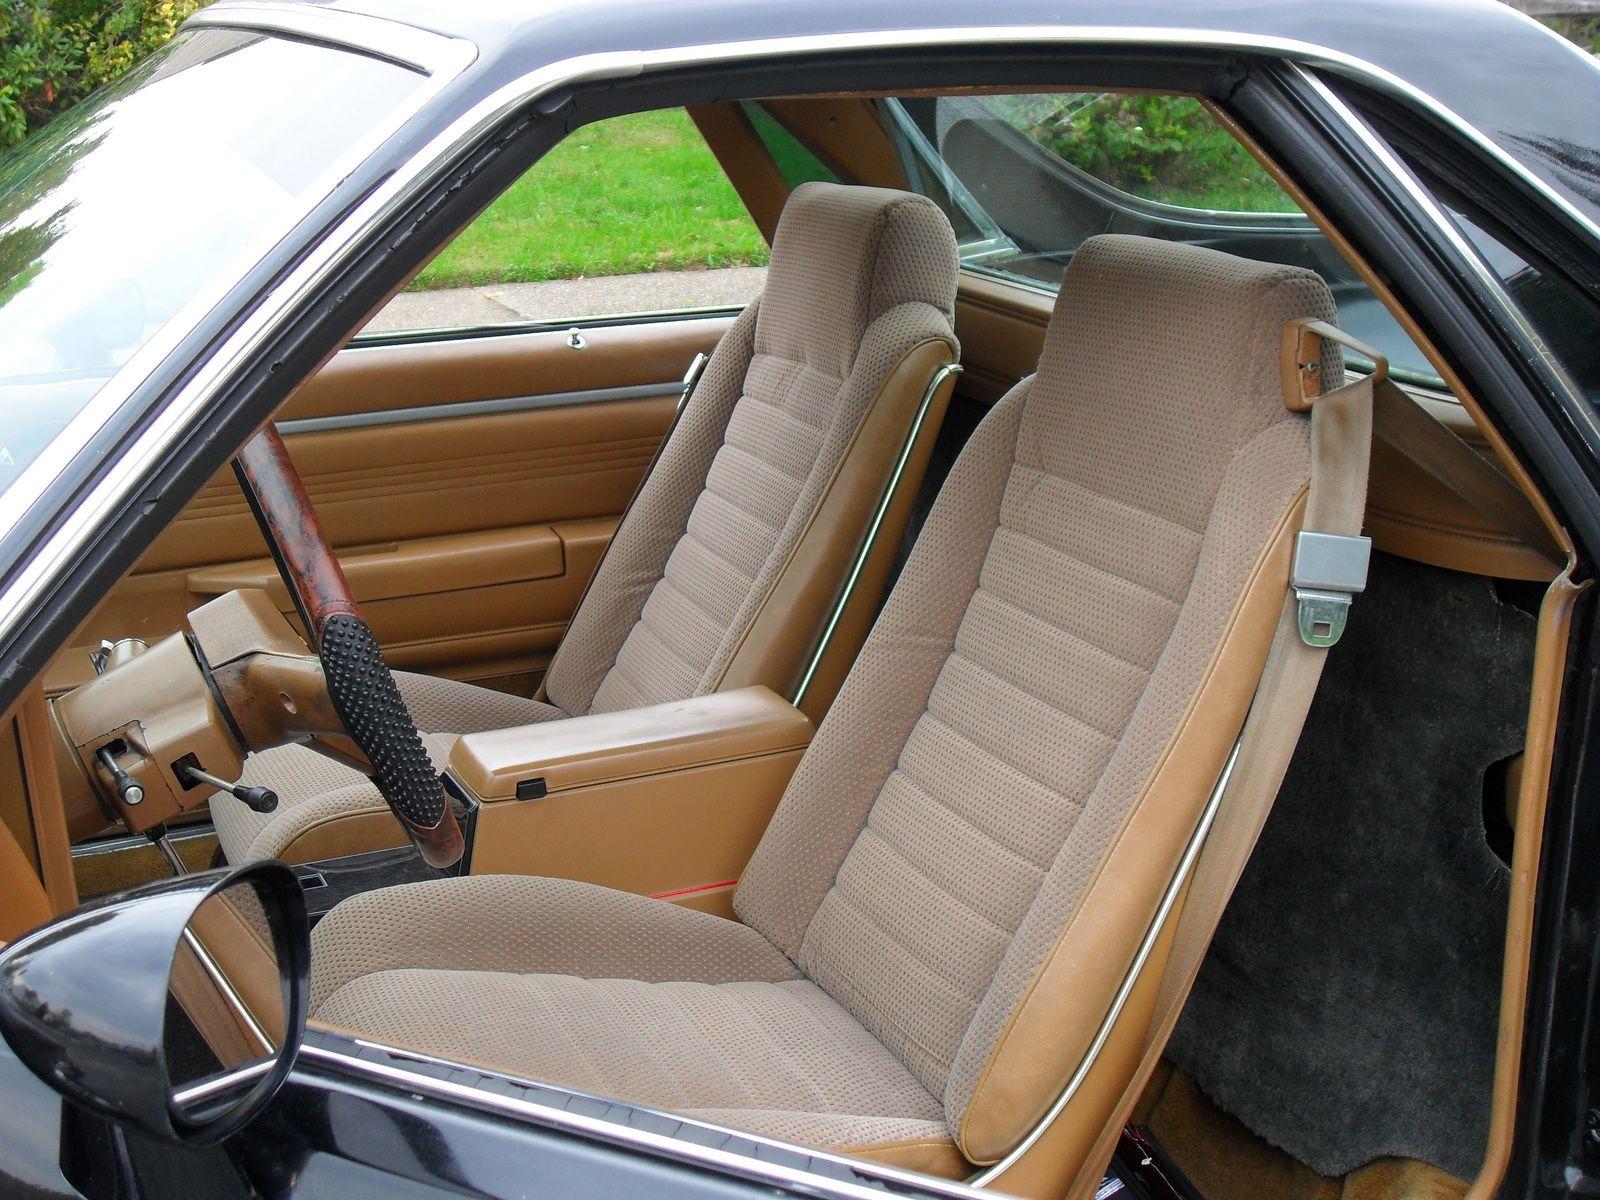 1980 El Camino Picture Of 1980 Chevrolet El Camino Interior Chevrolet El Camino El Camino Classic Chevrolet